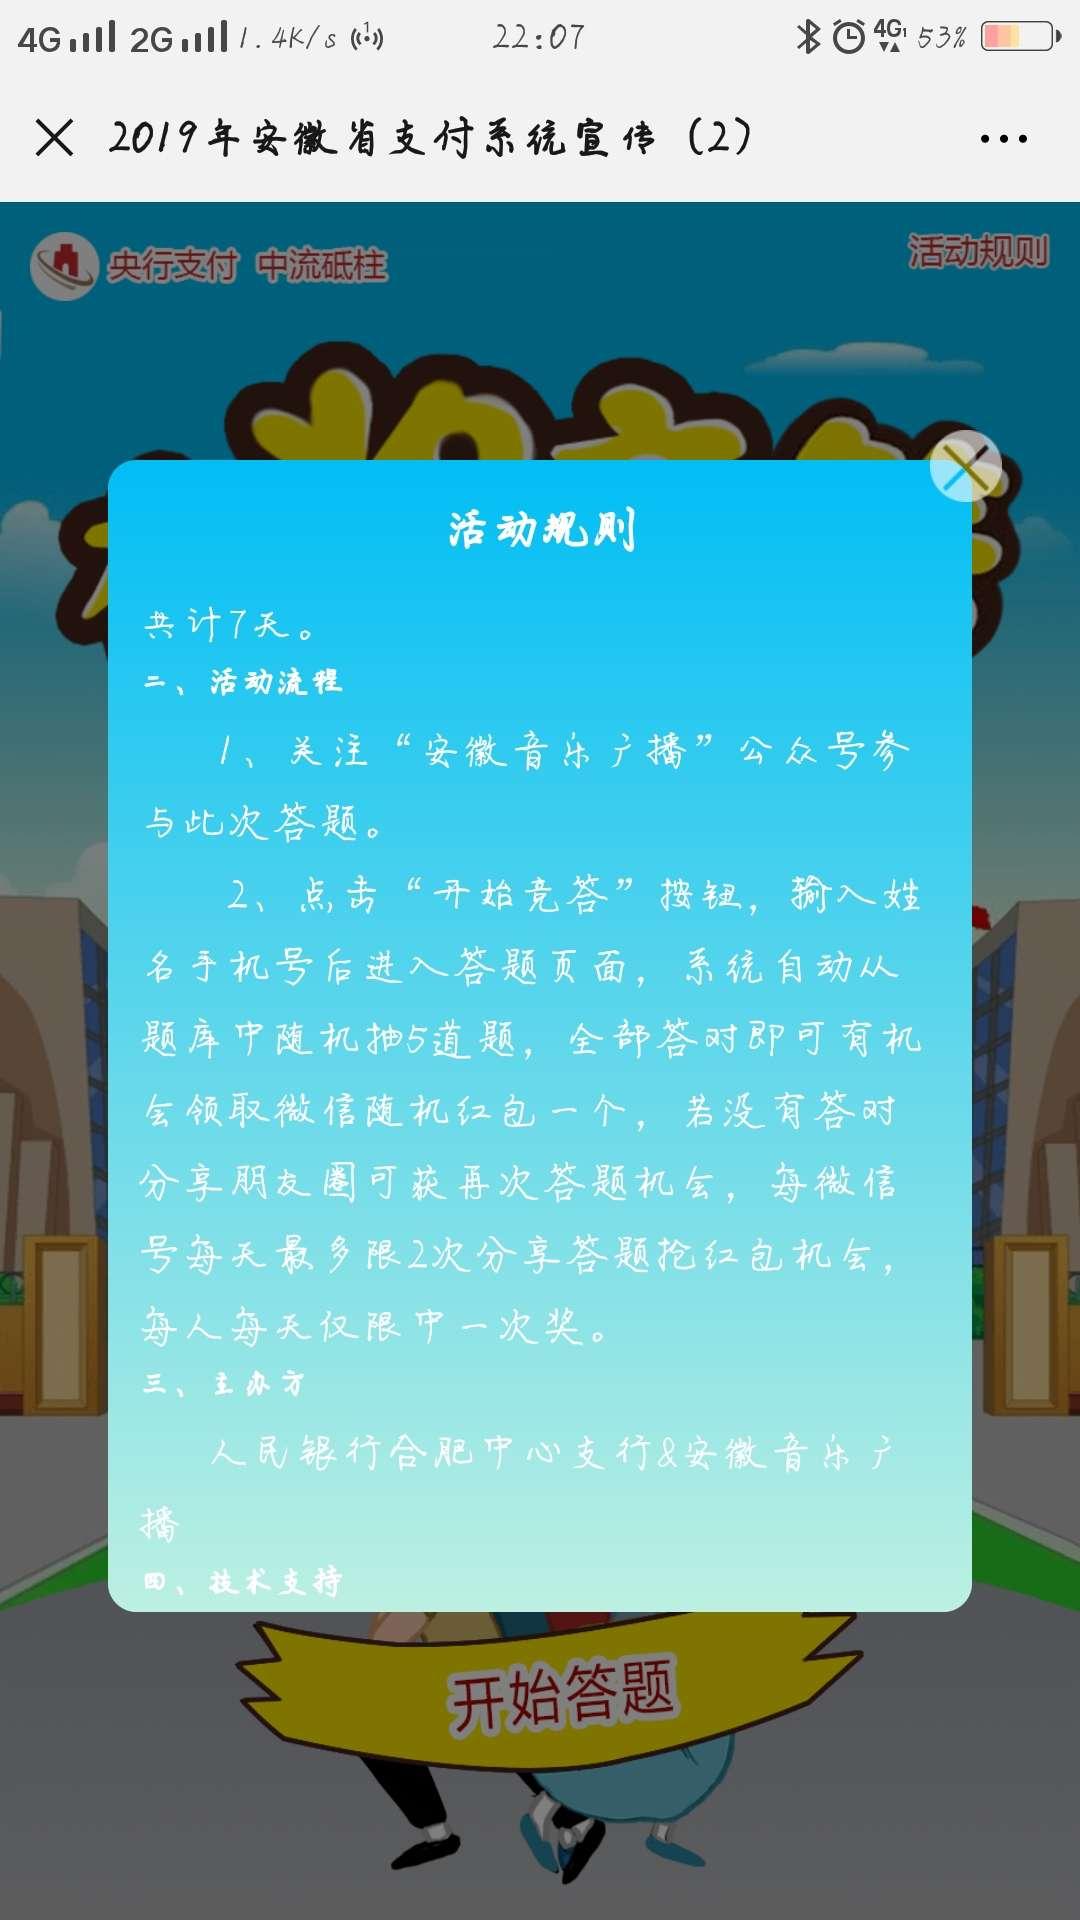 2019安徽省支付系统有奖竞答